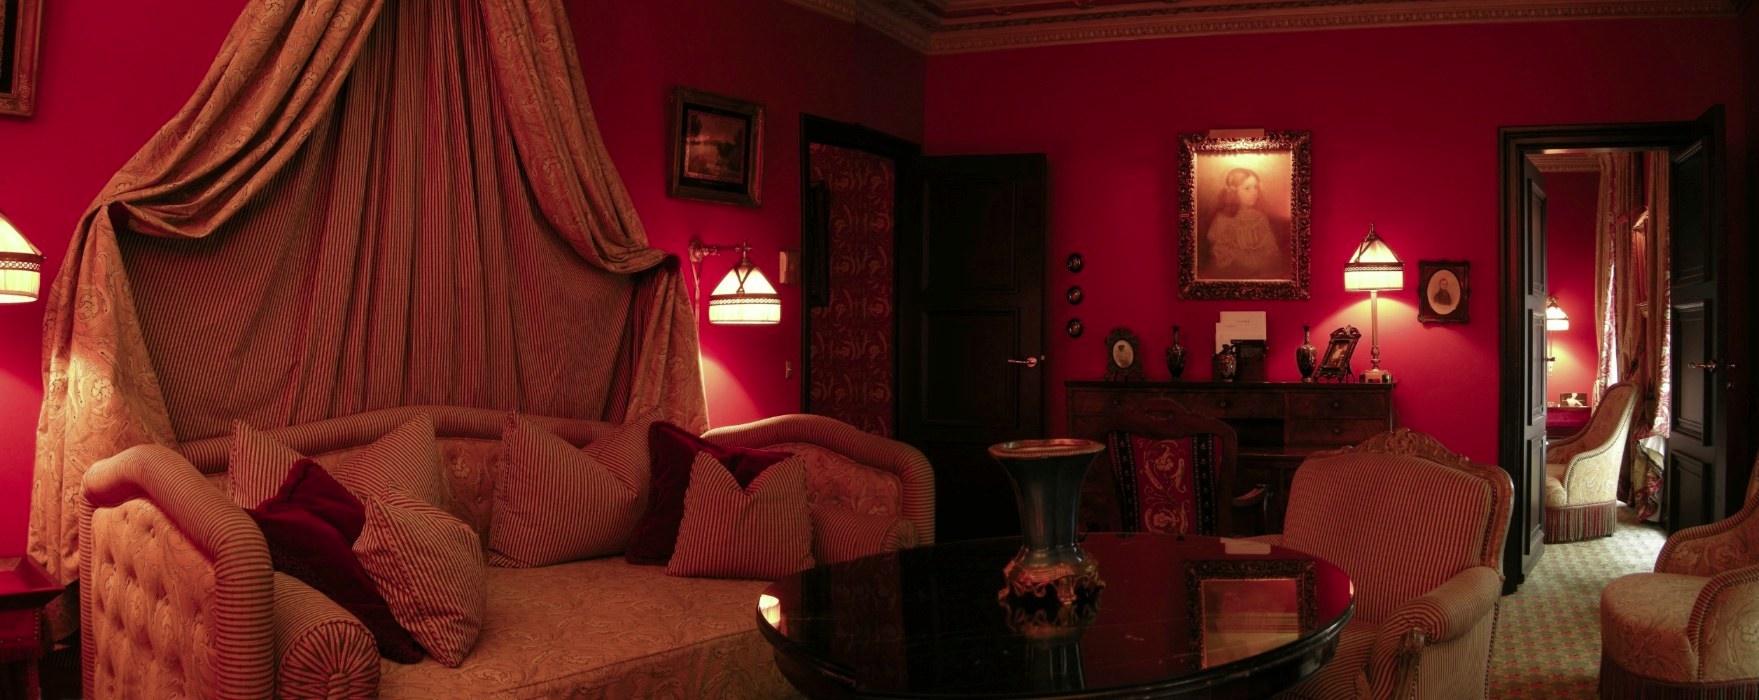 hotel-costes-paris-6